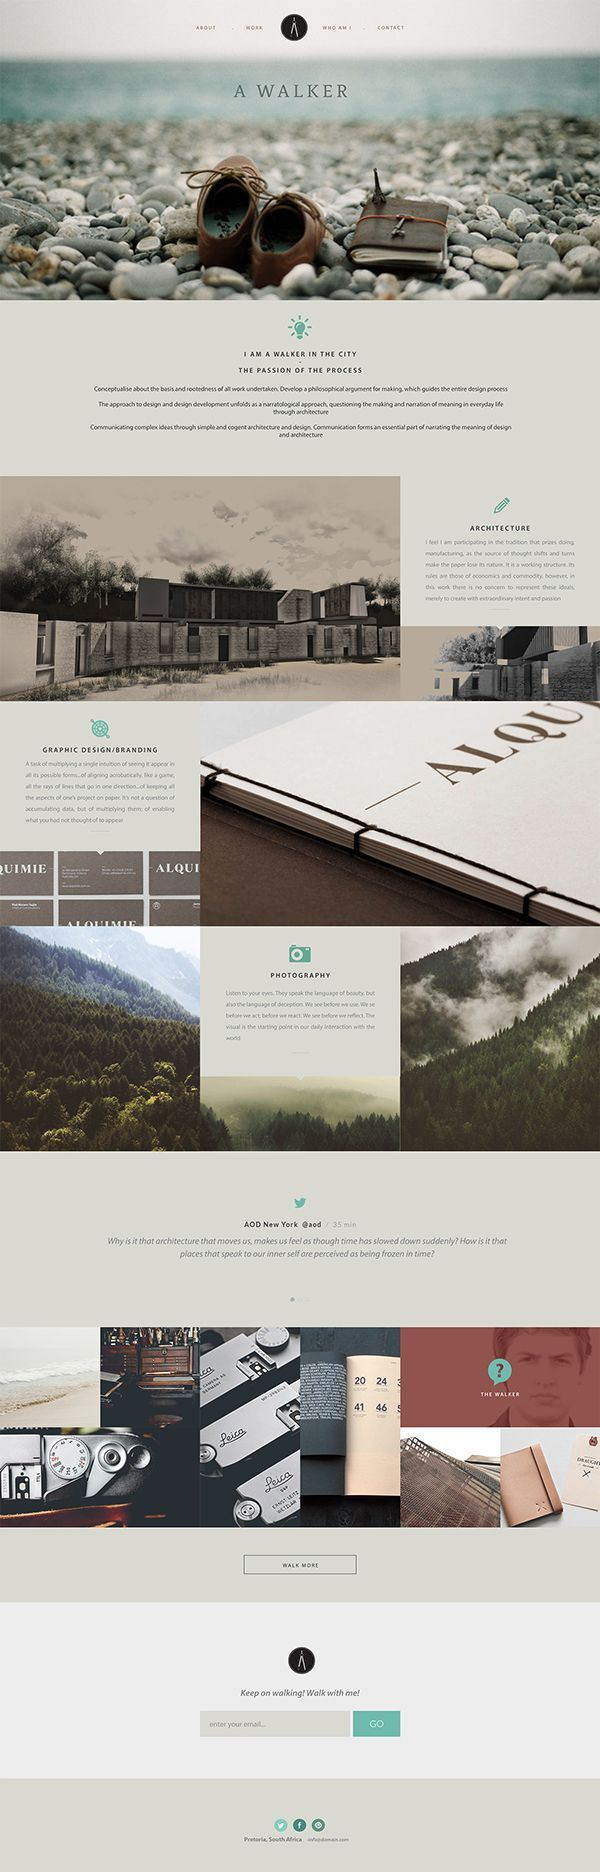 A walker architecture design portfolio brand by justin coetzee via behance